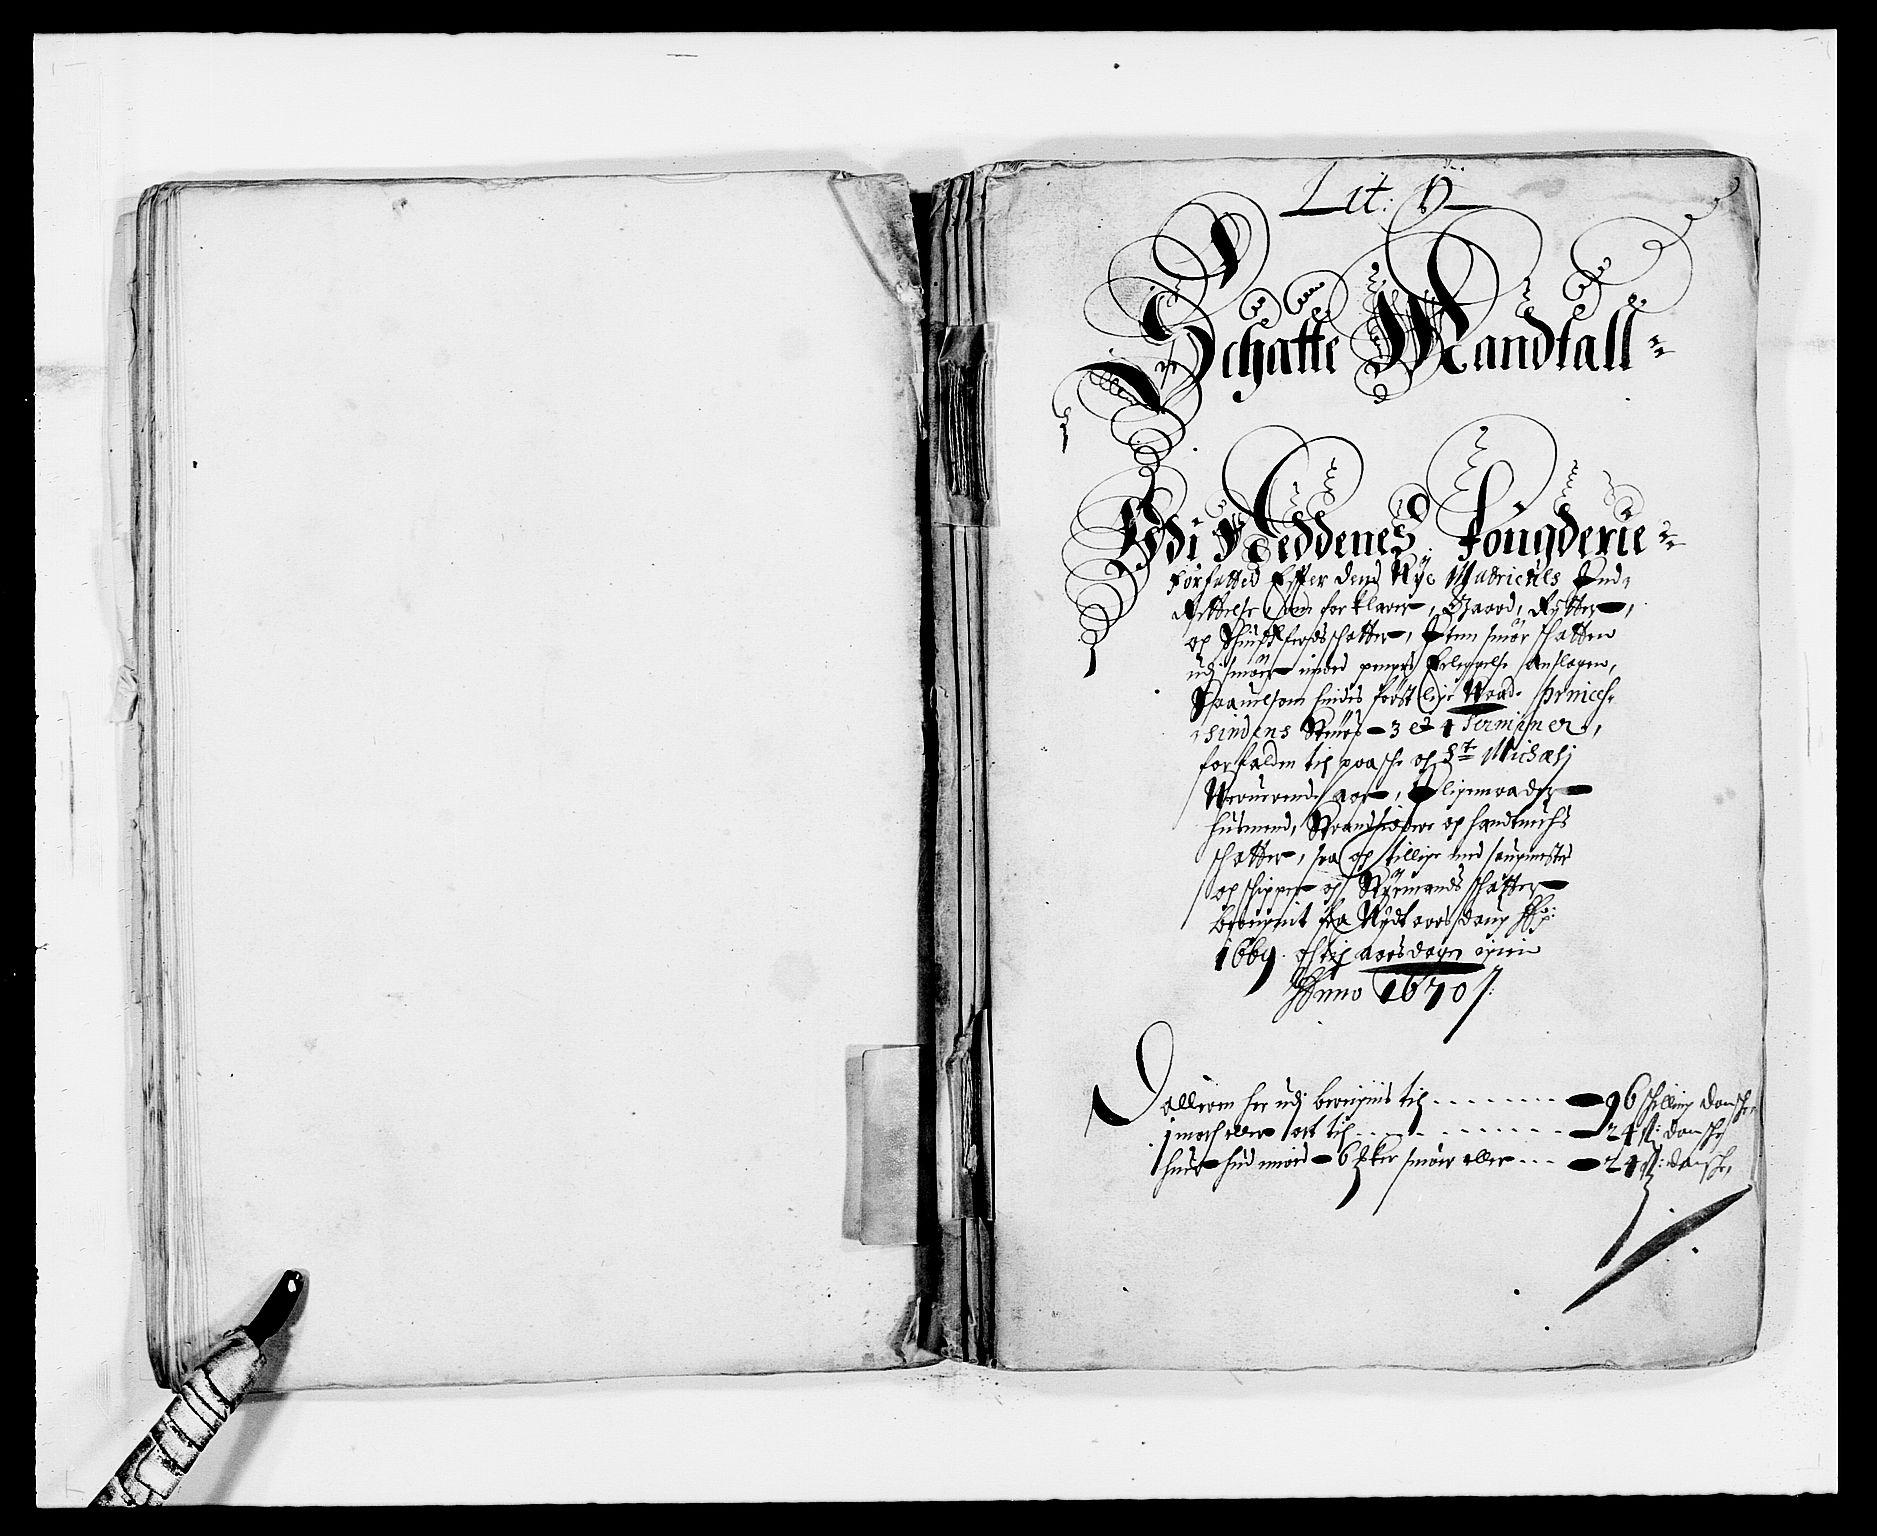 RA, Rentekammeret inntil 1814, Reviderte regnskaper, Fogderegnskap, R39/L2297: Fogderegnskap Nedenes, 1667-1669, s. 342